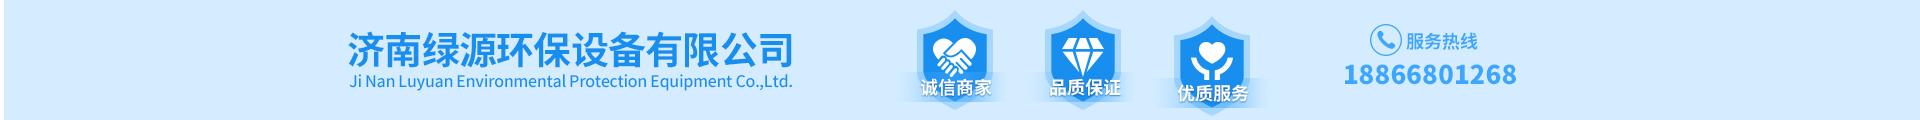 濟南綠源環保設備有限公司